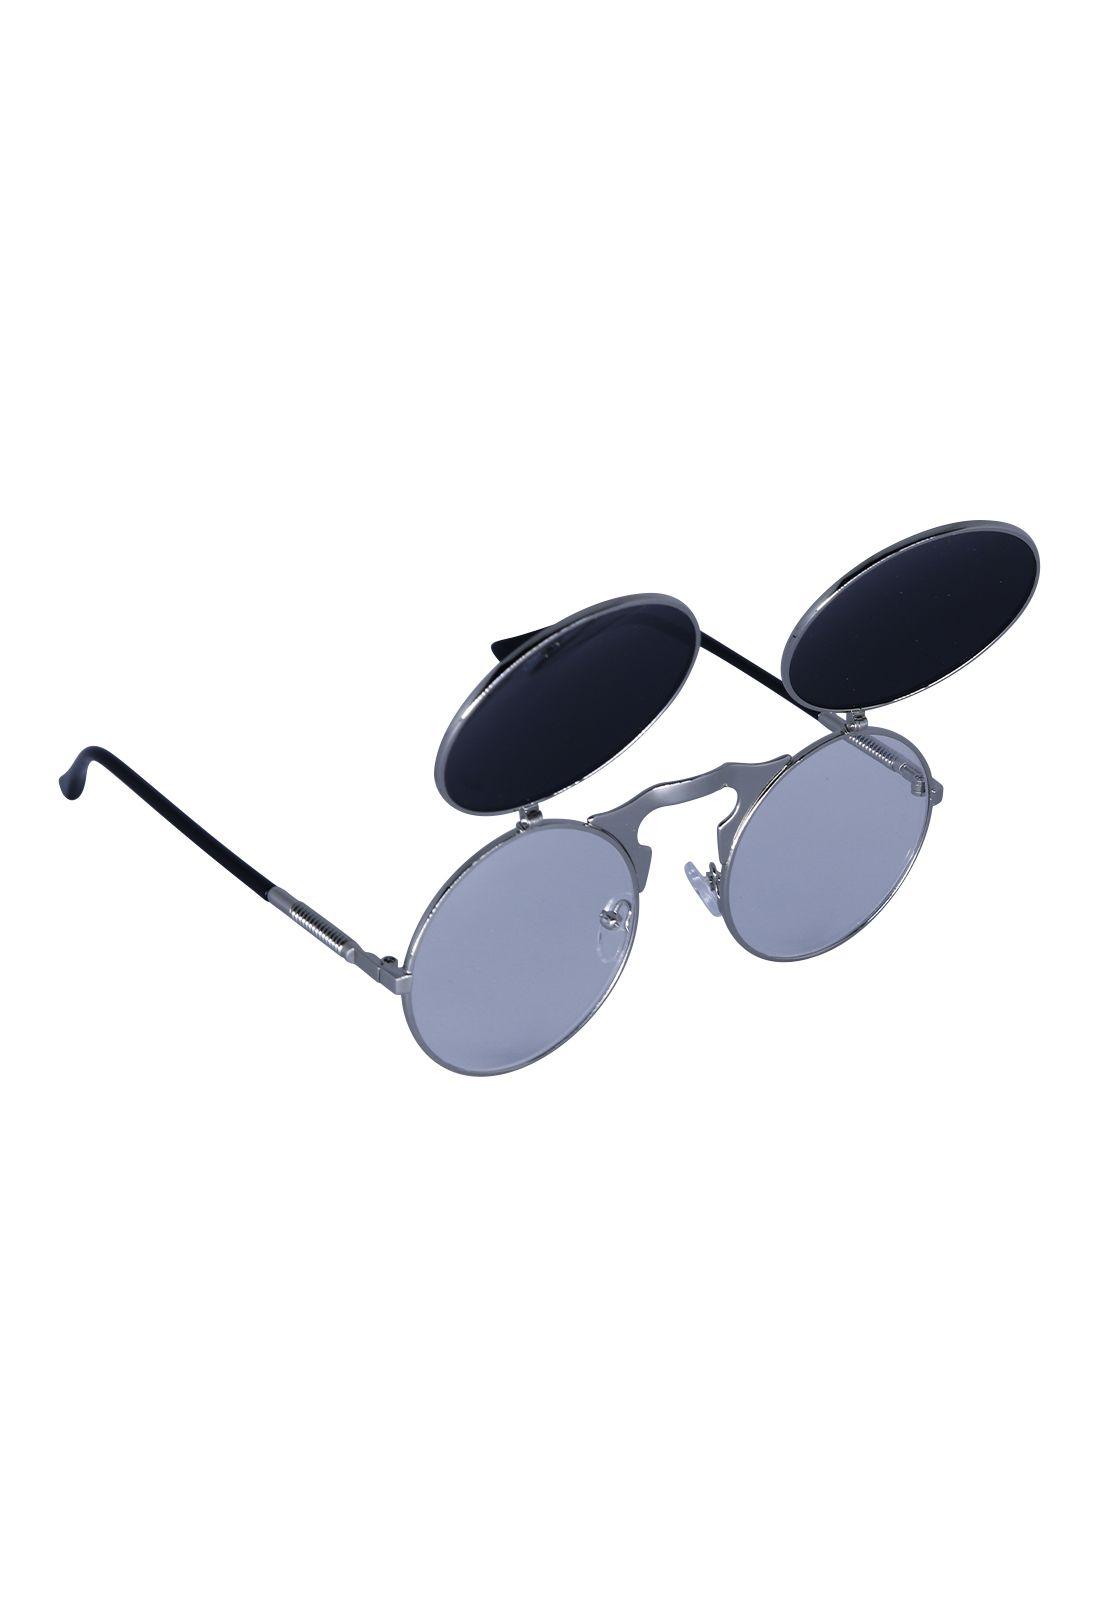 Óculos de Sol Grungetteria Narciso Prateado